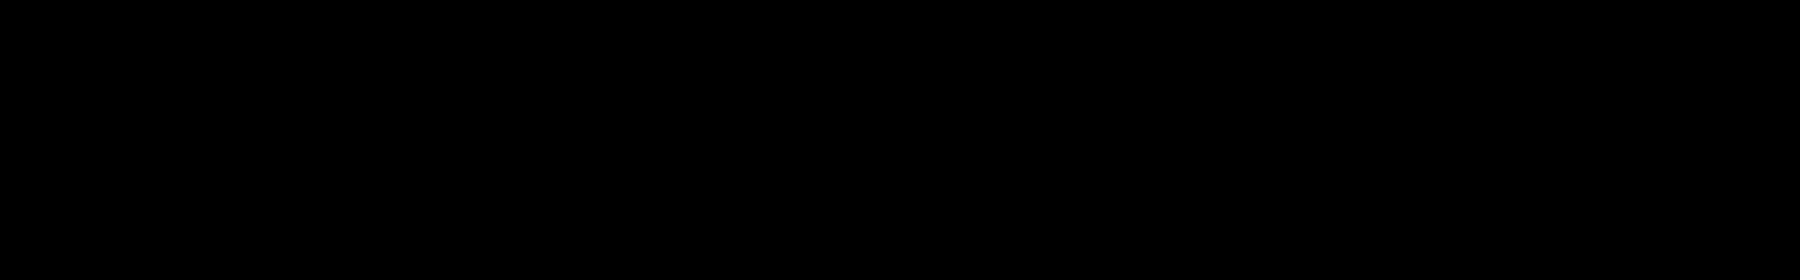 Wobble Bass House - Massive audio waveform